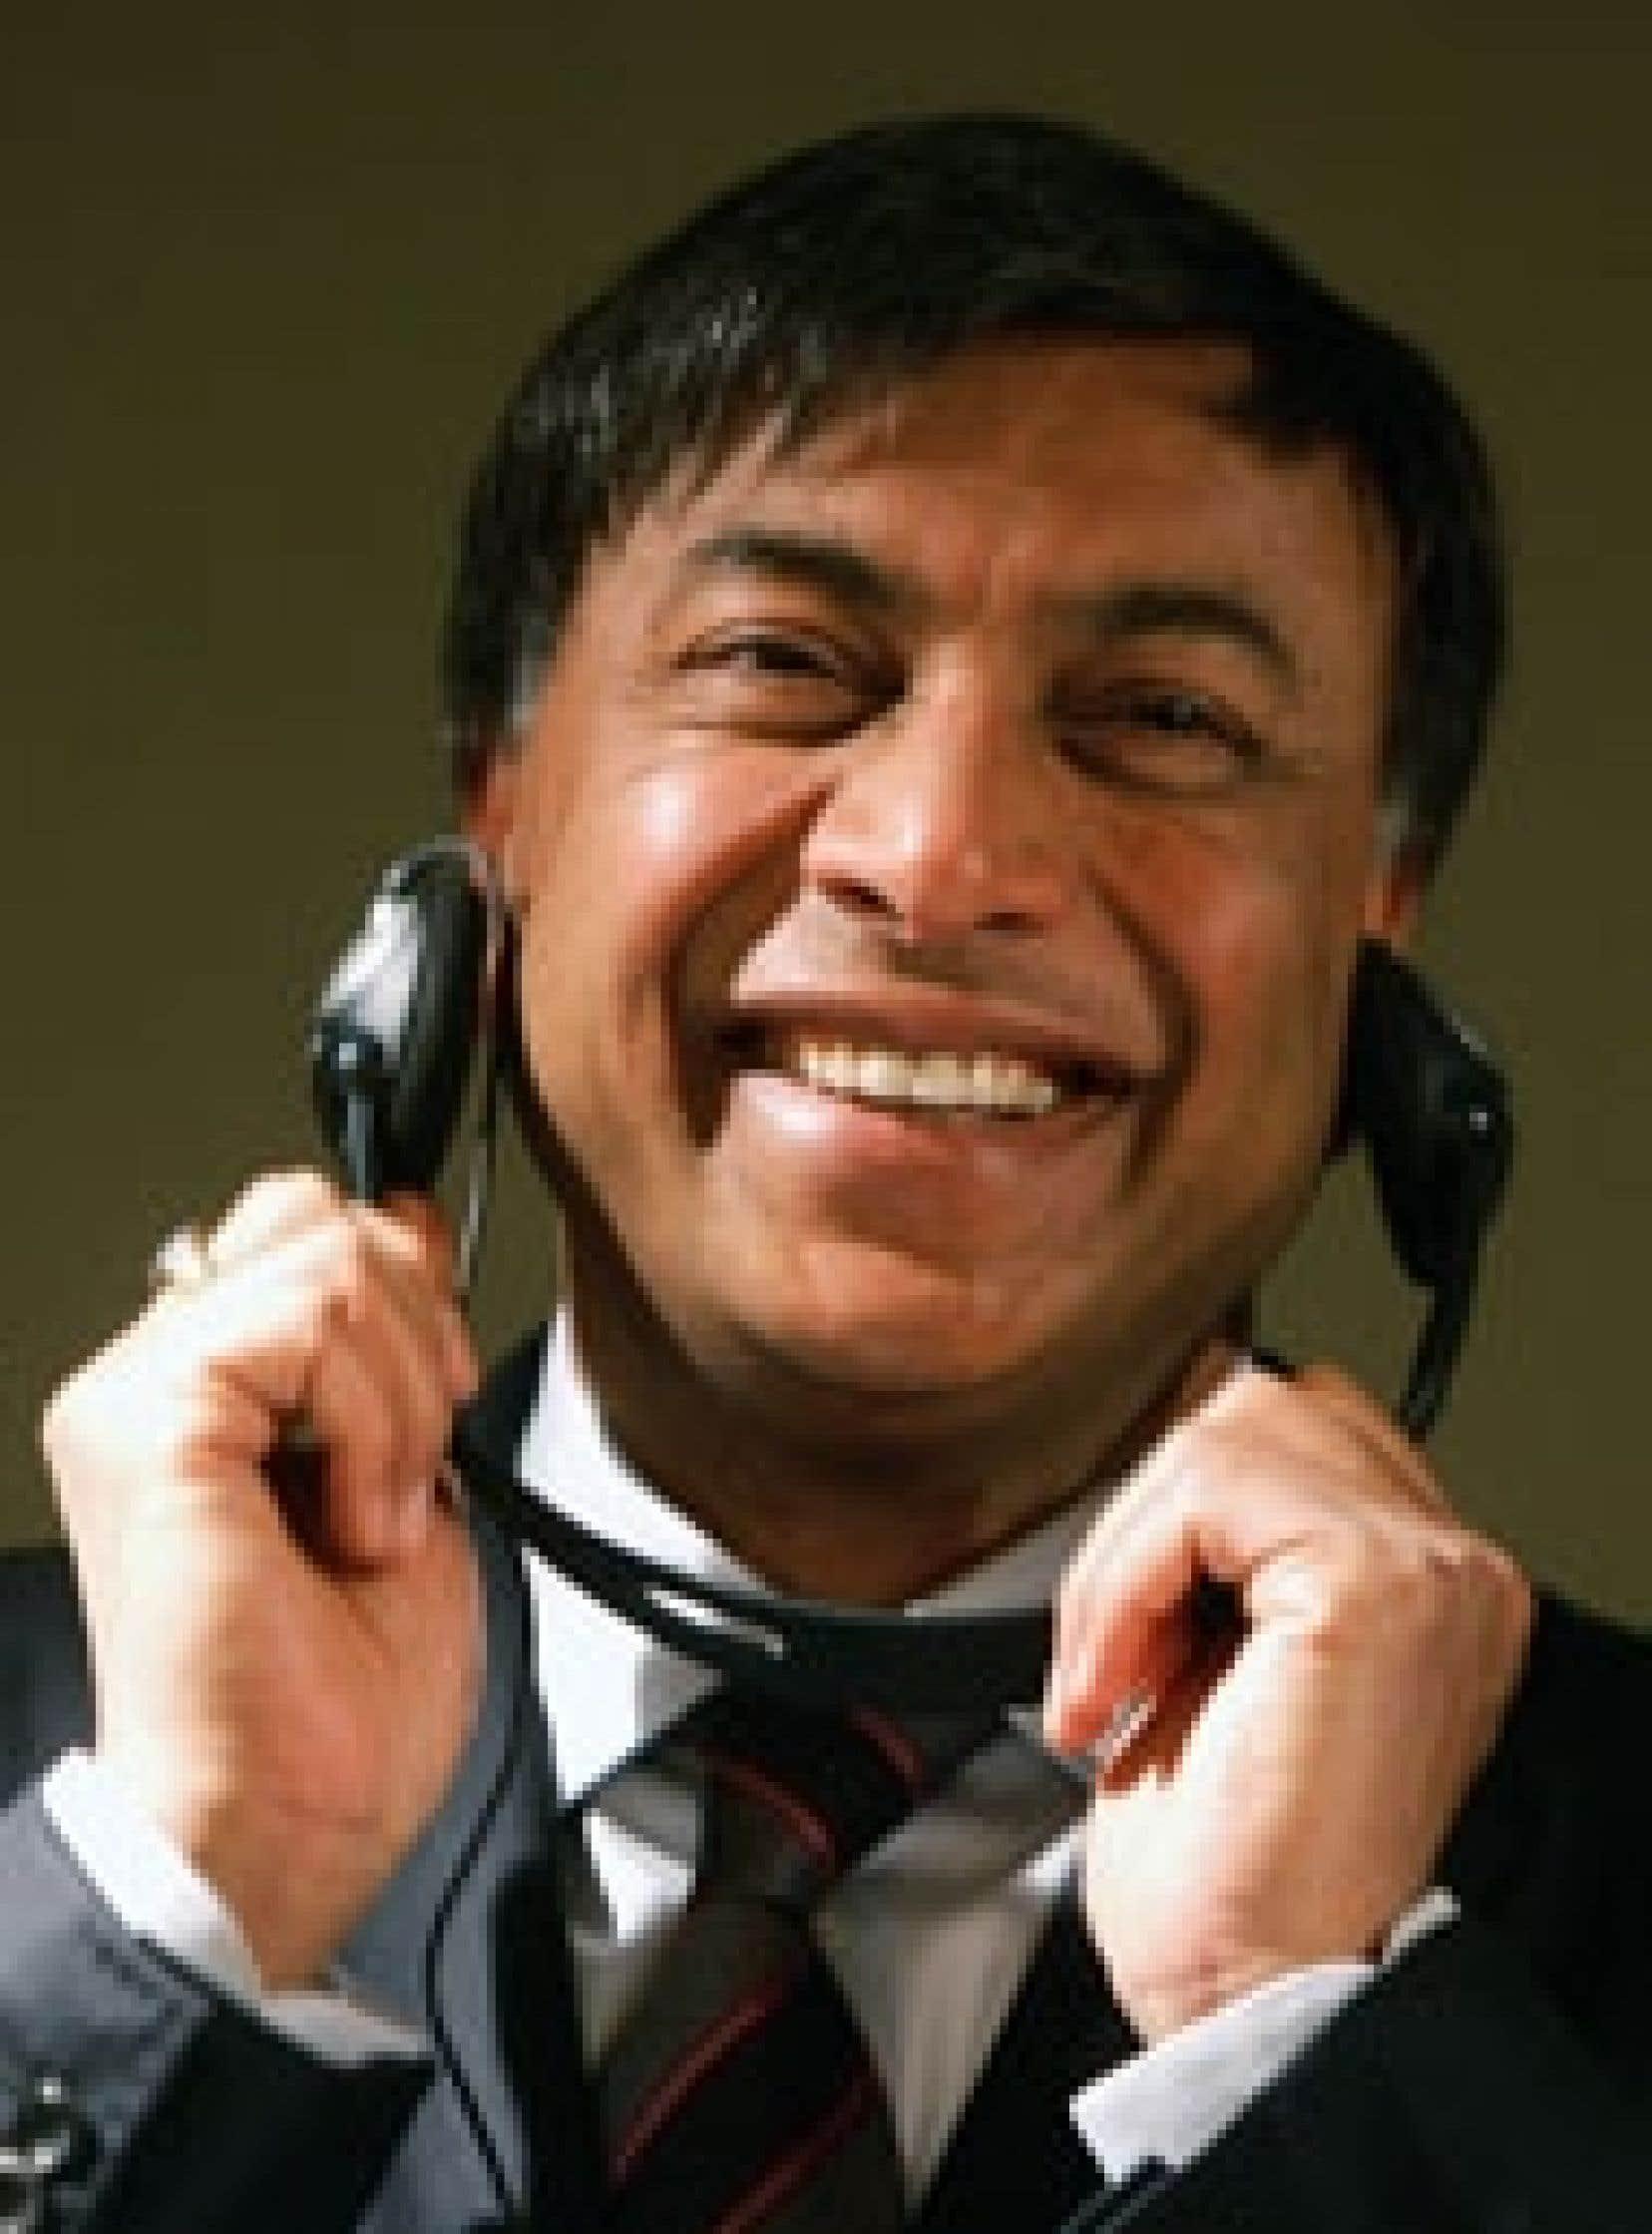 Le richissime homme d'affaires indien Lakshmi Mittal conduit depuis une semaine une campagne de charme dans toute l'Europe pour convaincre actionnaires et responsables politiques du bien-fondé de son attaque sur Arcelor.